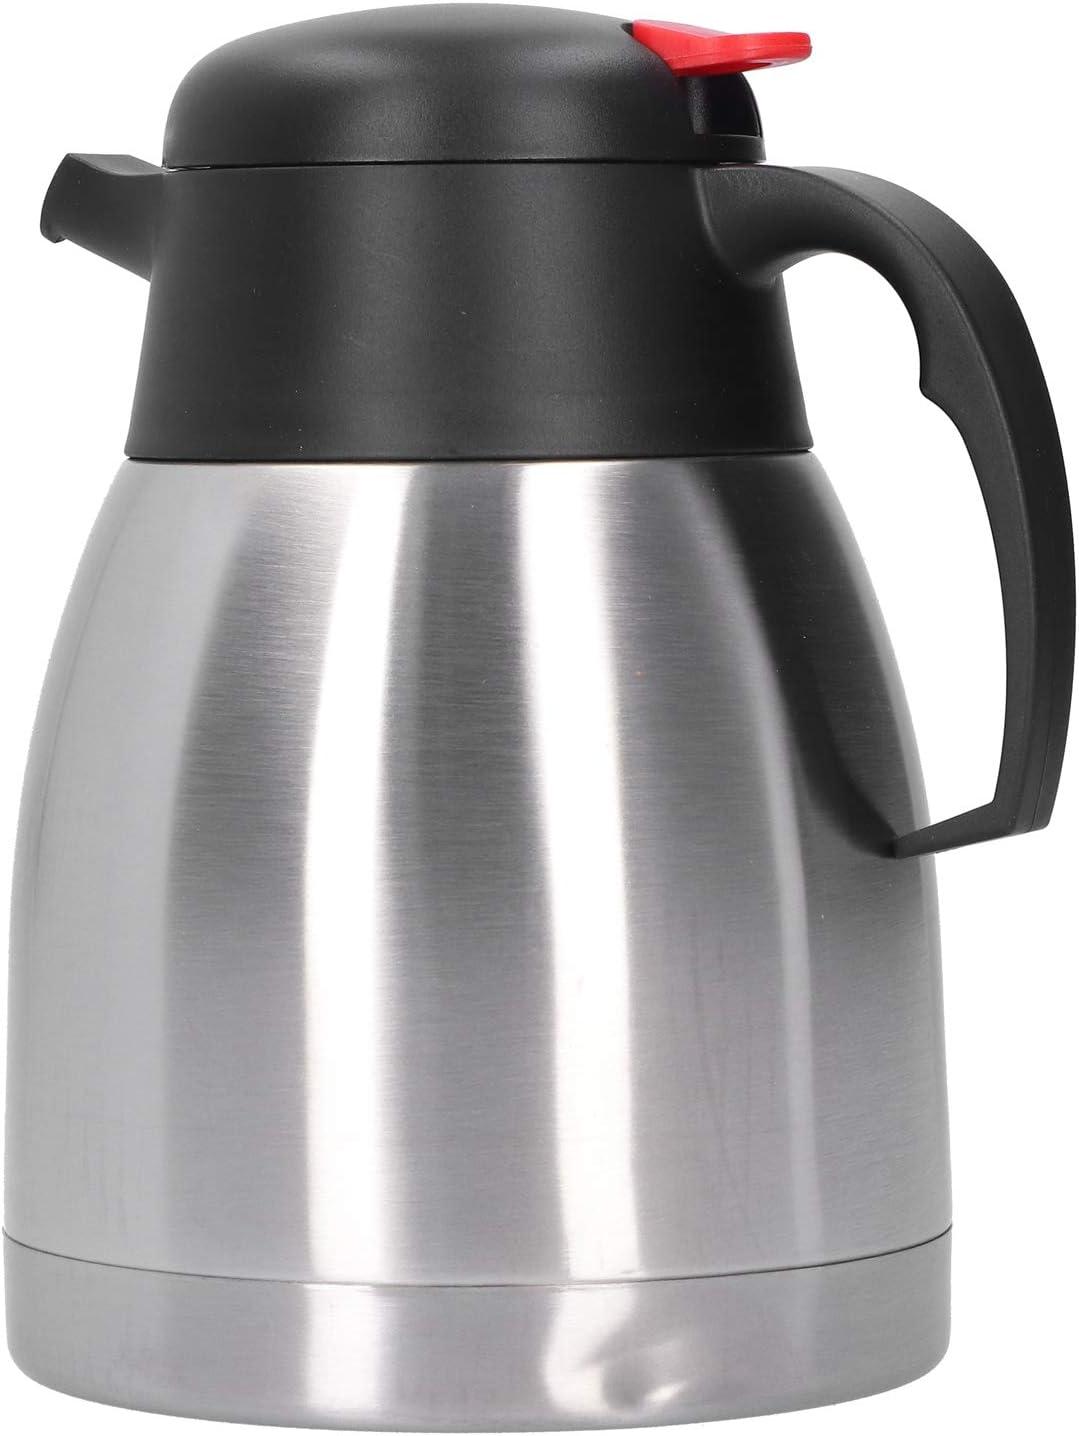 Jarra térmica de café de 1,2 l / 1,5 l, jarra de café, jarra de café con pico en forma de pico de águila, regalos de invierno para té de café de agua caliente(Olla aislada al vacío 1.2L)